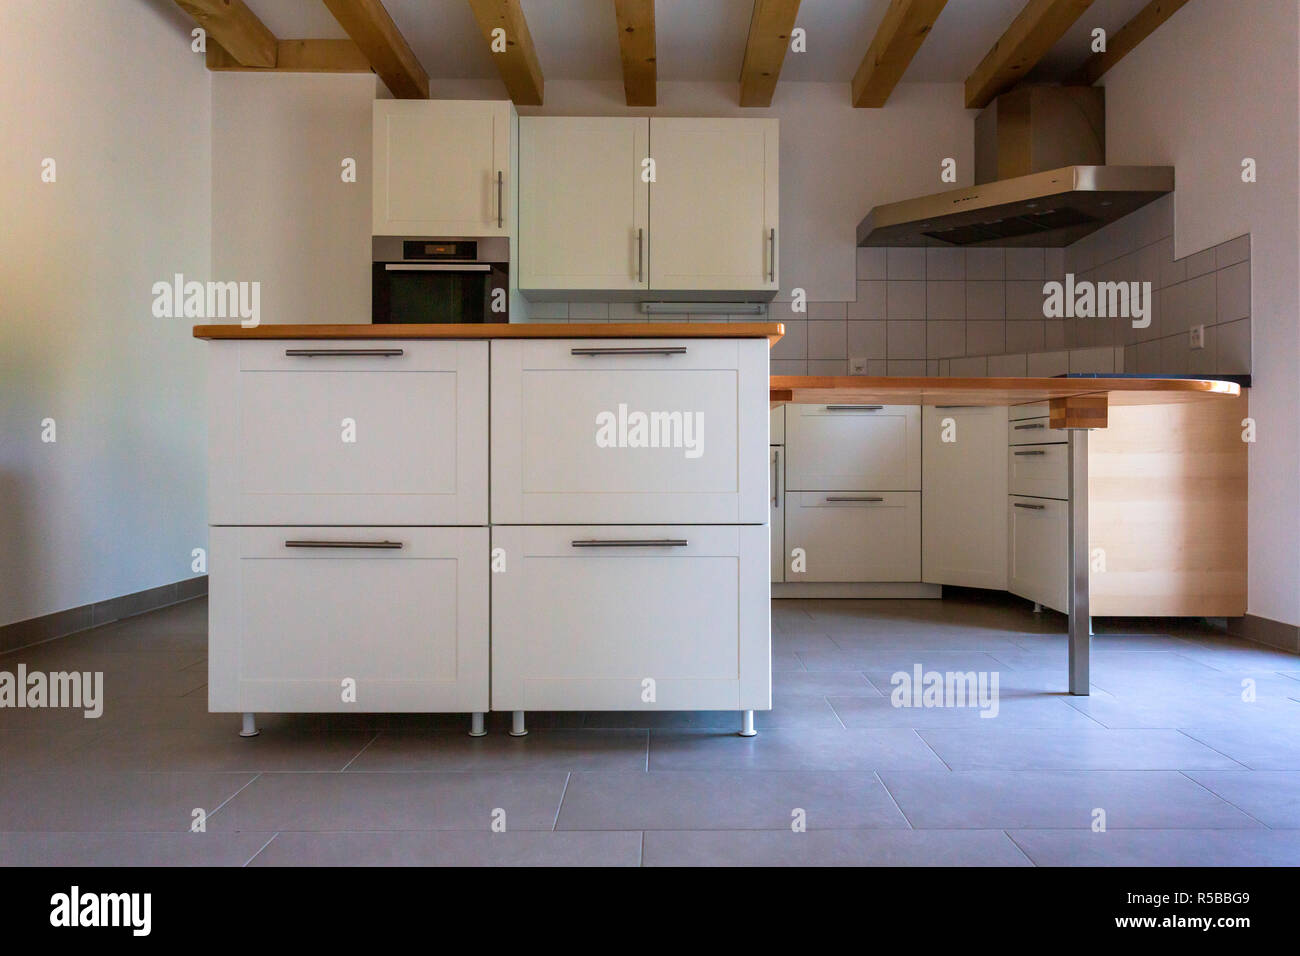 Ein vintage Küche mit diesen Möbeln in einer Wohnung Stockfoto, Bild ...